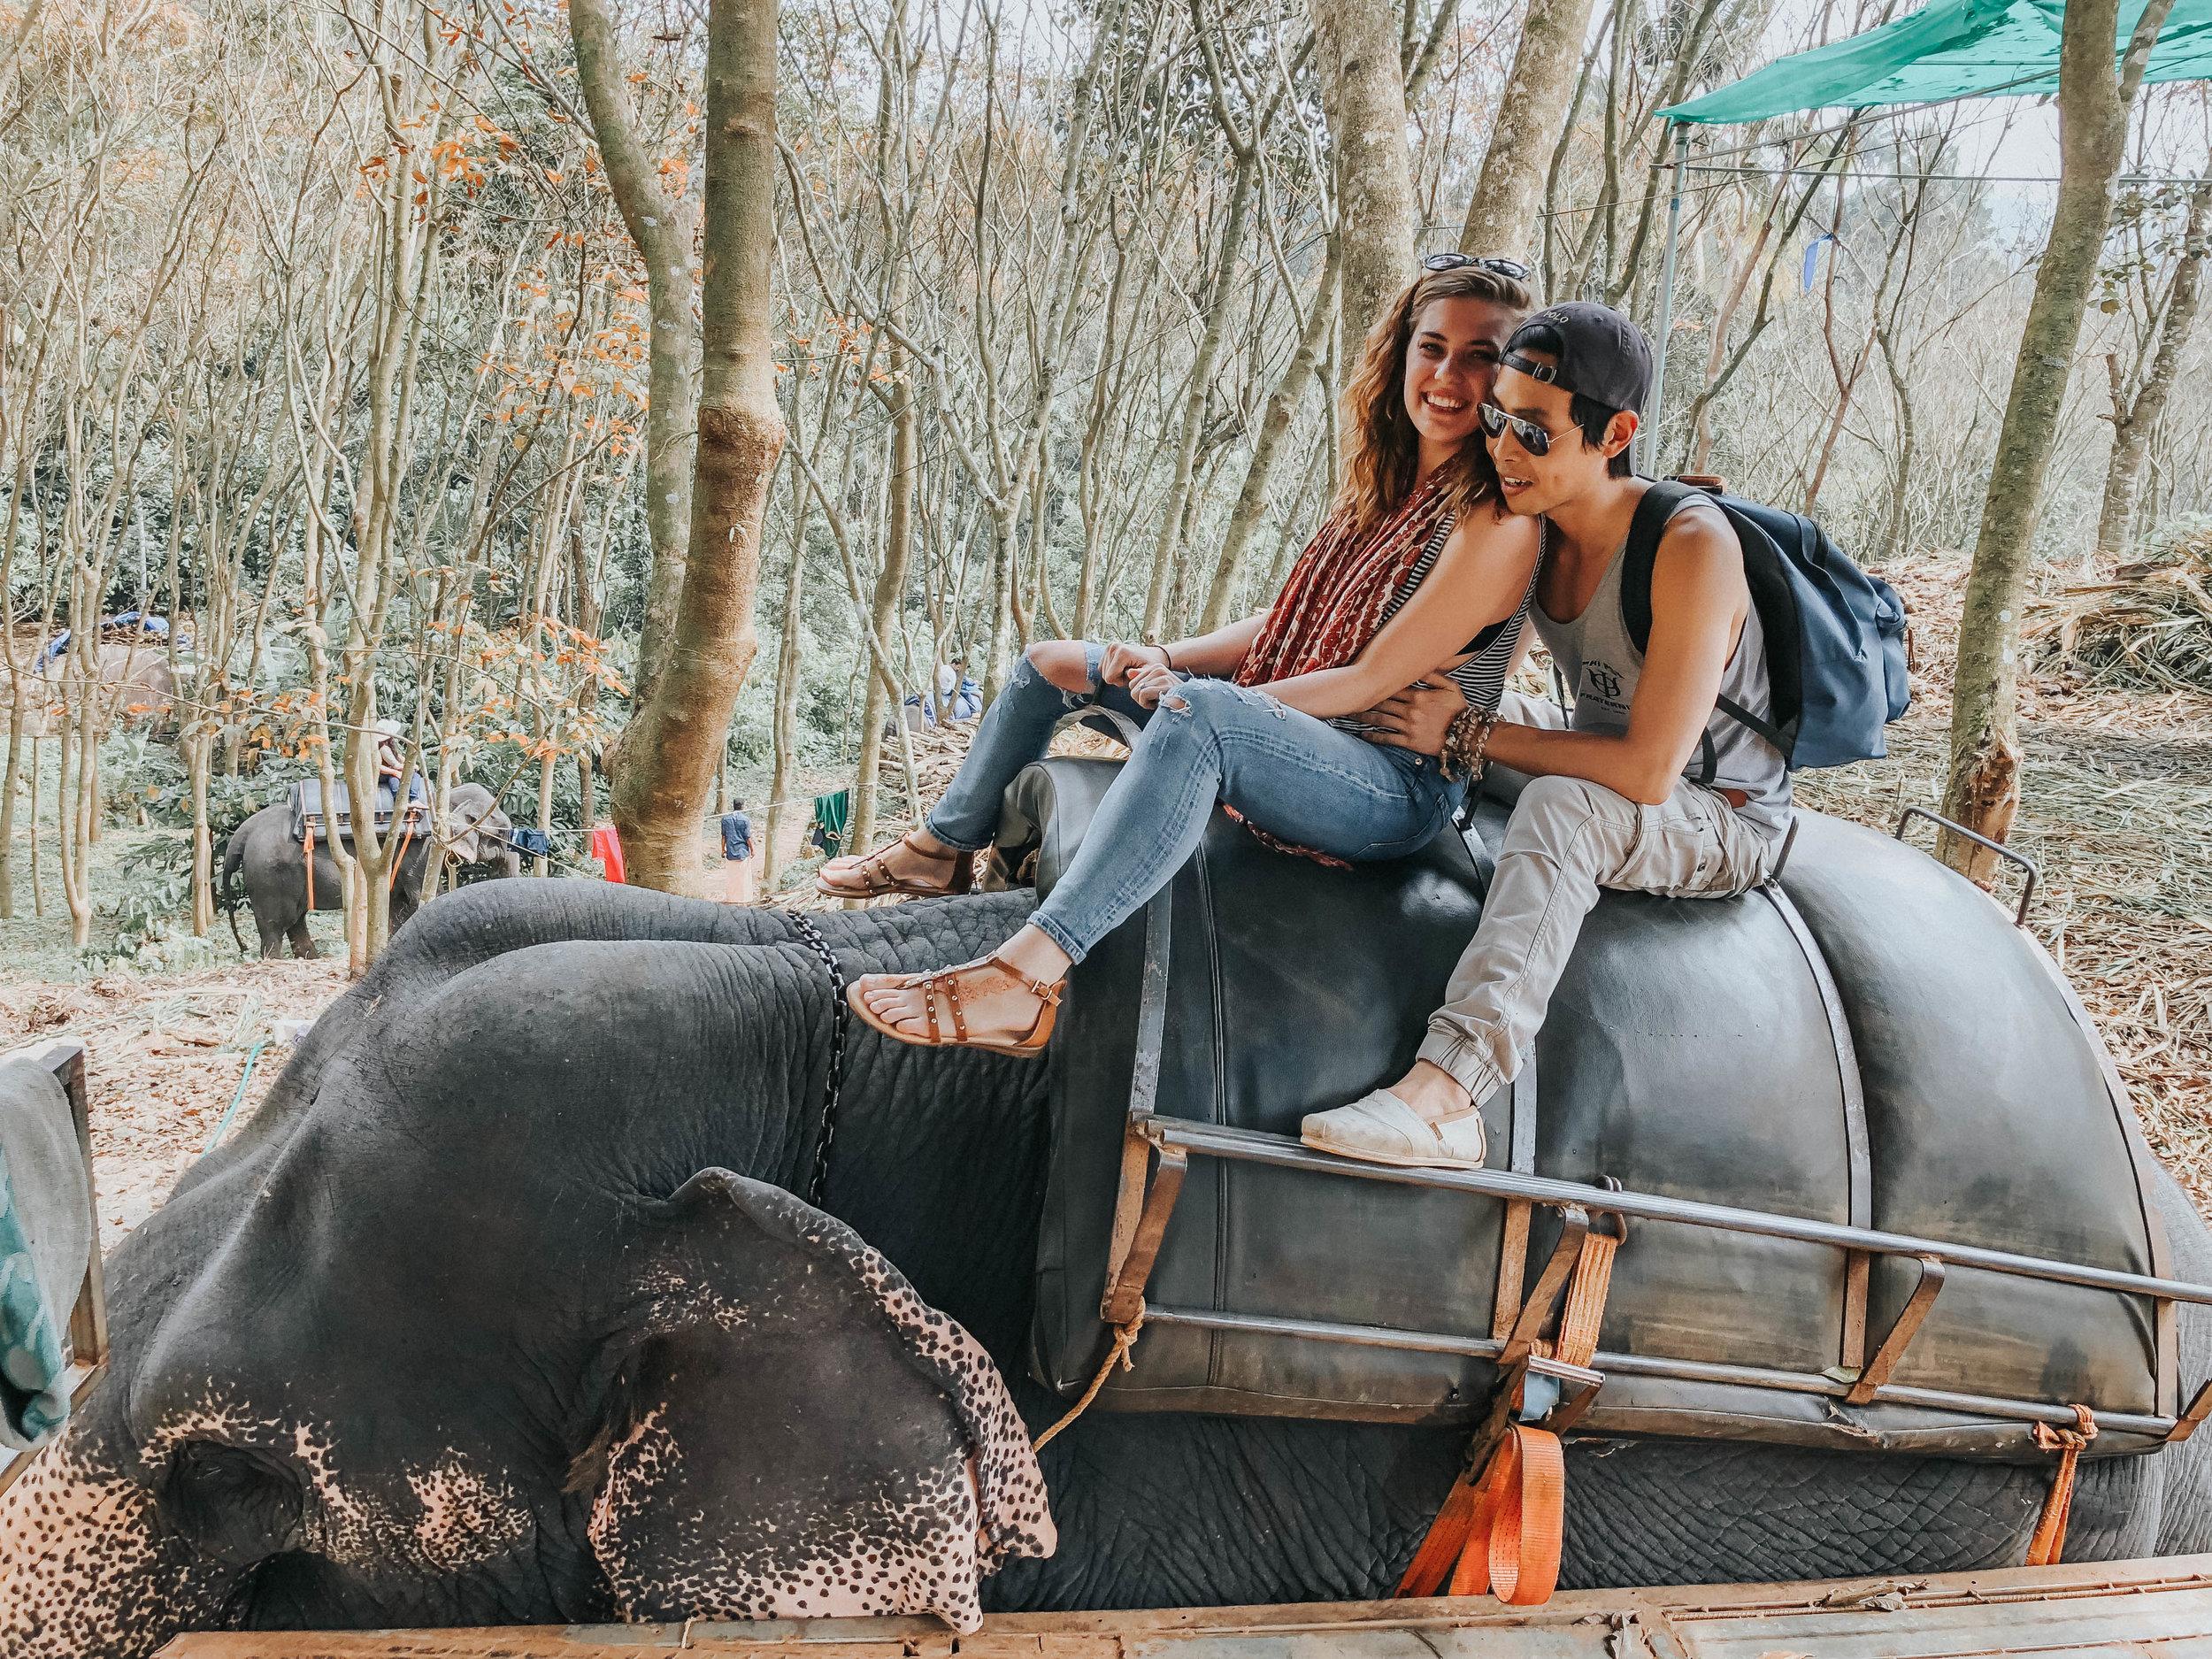 Elephant Rides with my love   Kerala, India